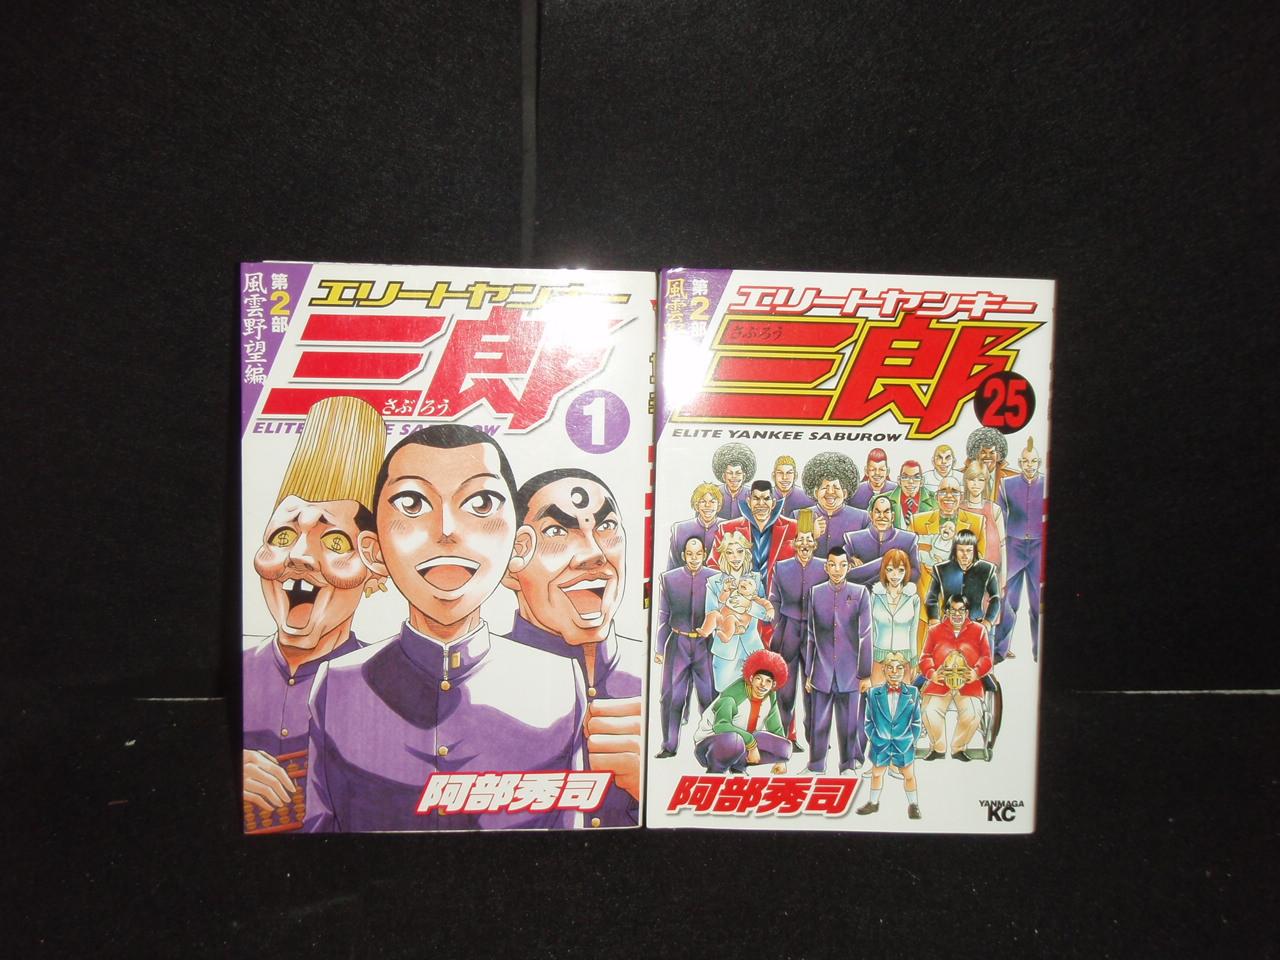 对于所有初始精英洋基三郎部分 2 1 25 拥有漫画漫画漫画完整设置